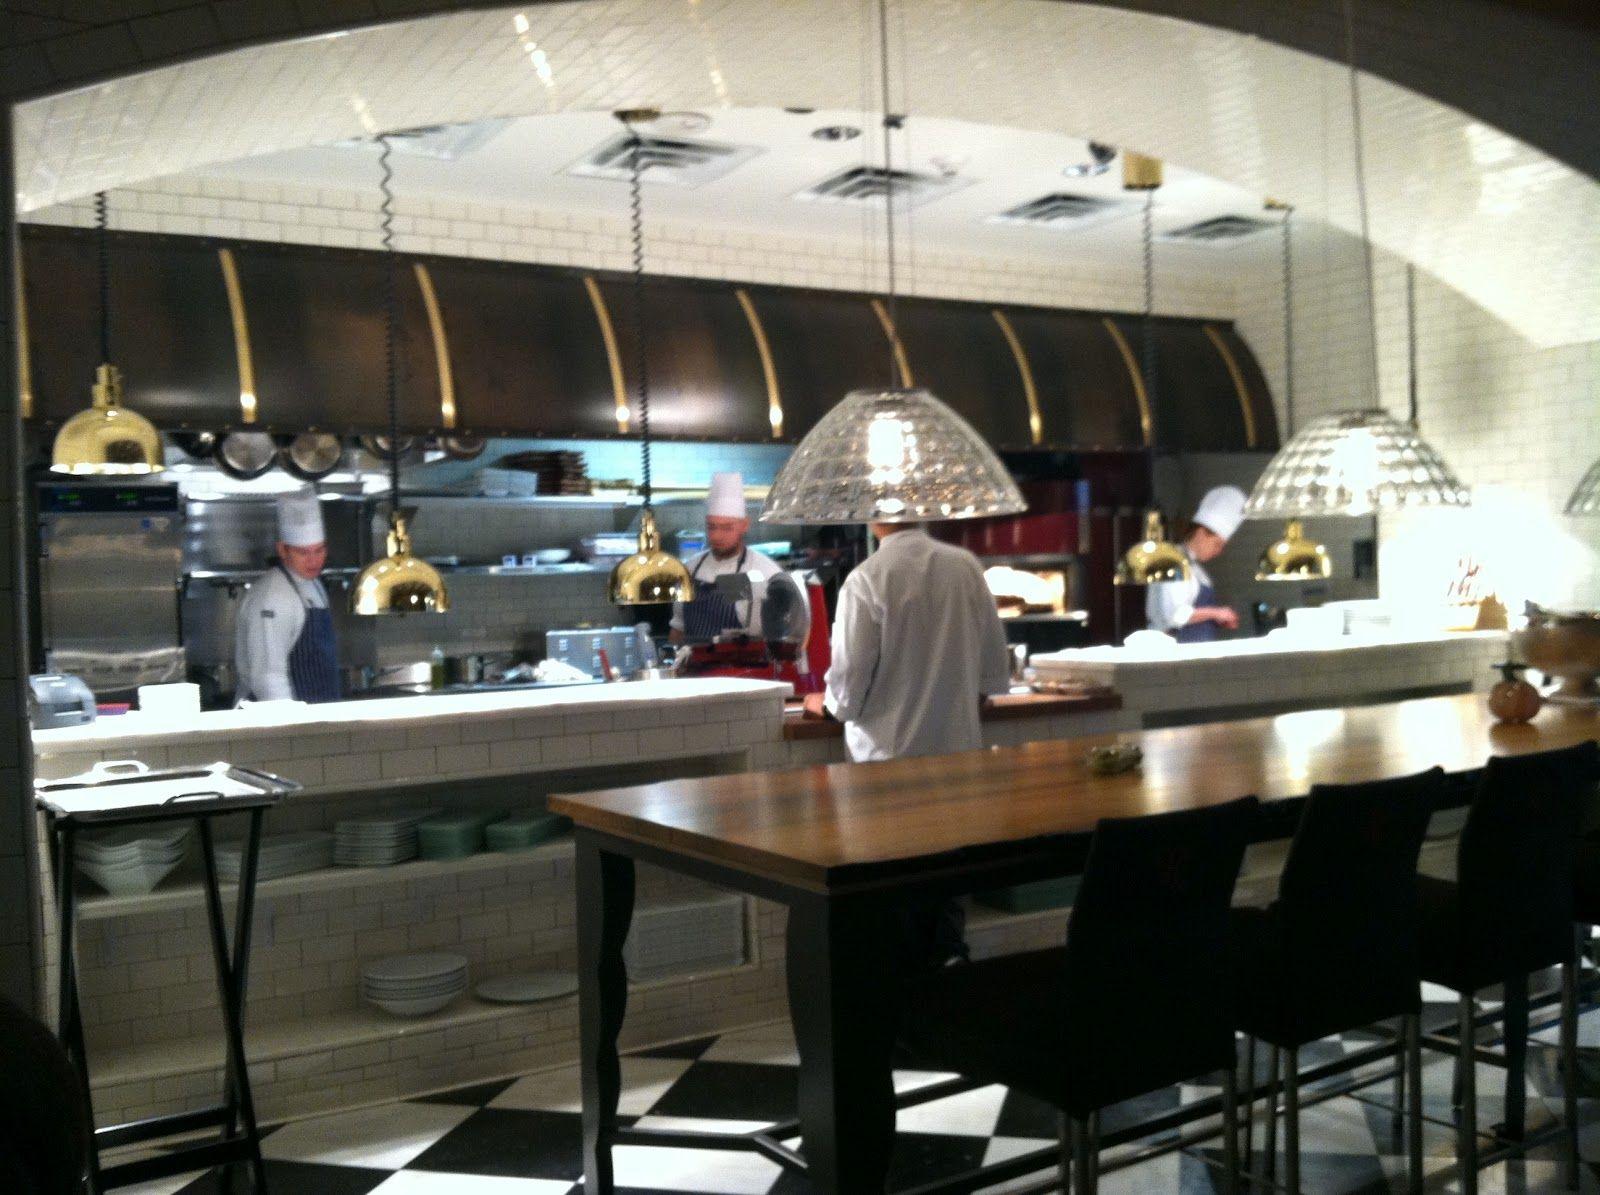 Restaurant Kitchen Design Art Open Cafe Layout